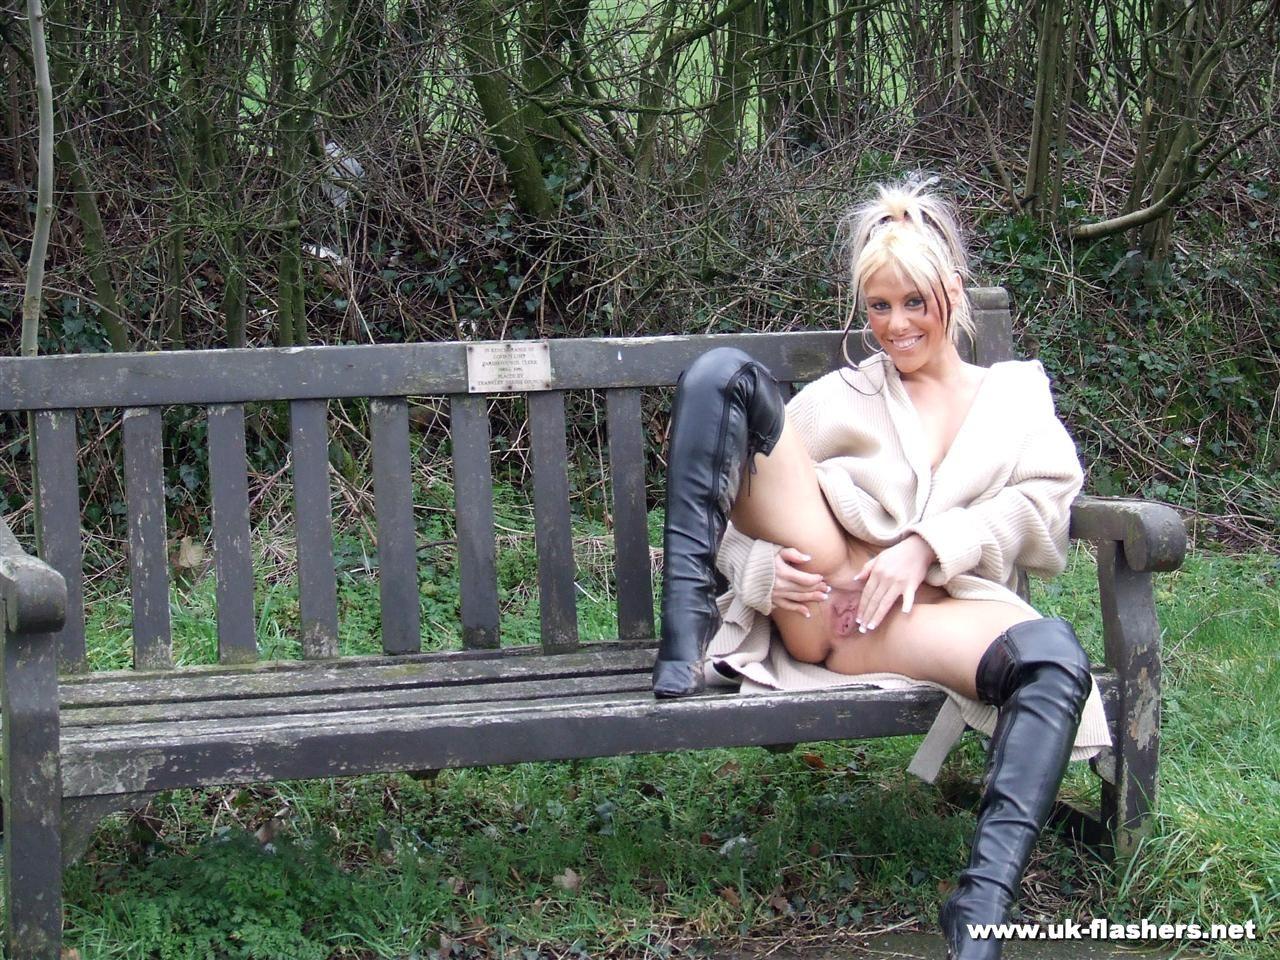 Visit Uk Flashers Etreme Public Nudity Madness